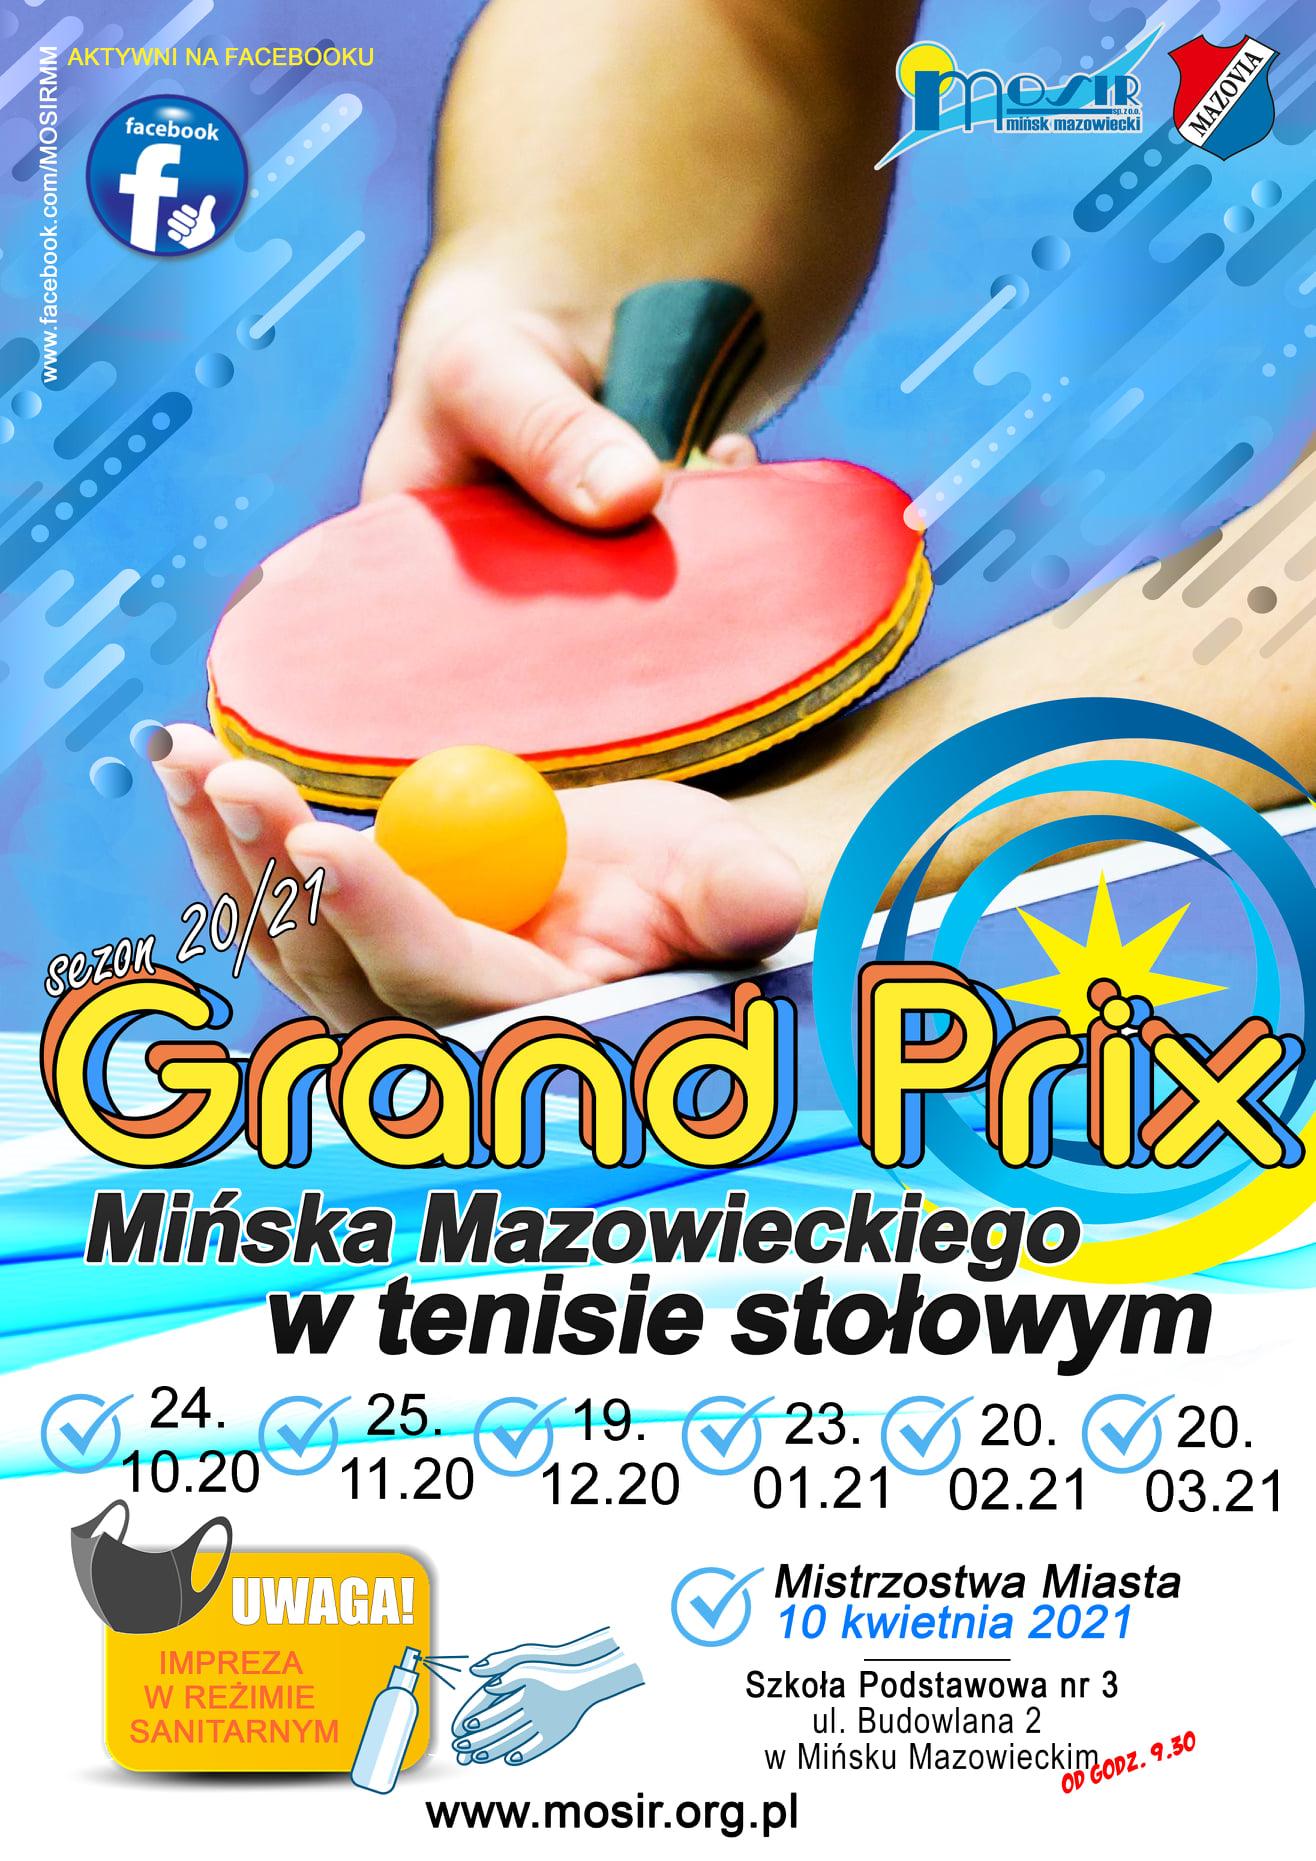 Plakat turnieju Grand Prix Mińska Mazowieckiego w tenisie stołowym w sezonie 2020/2021 - termin 6